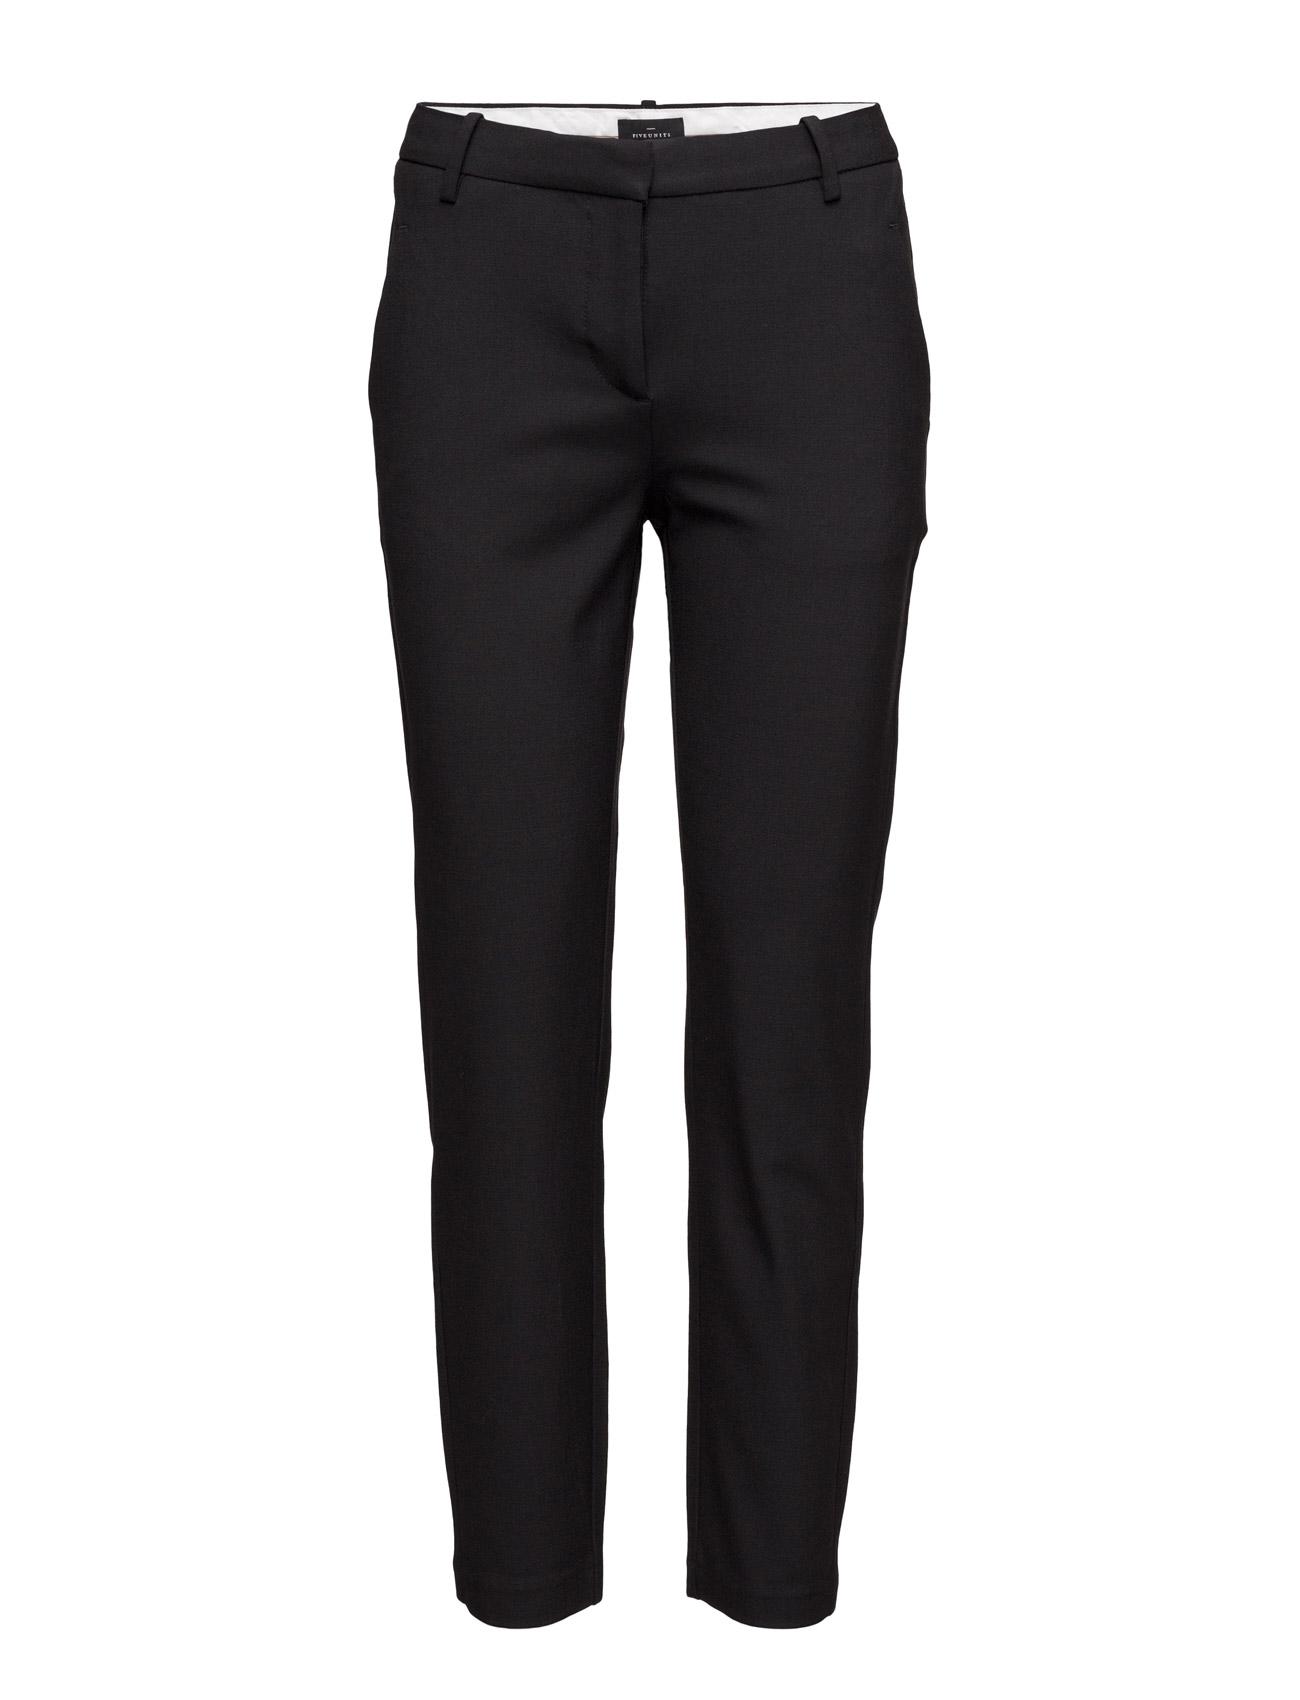 Kylie 396 Crop, Black, Pants FIVEUNITS Bukser til Kvinder i Sort